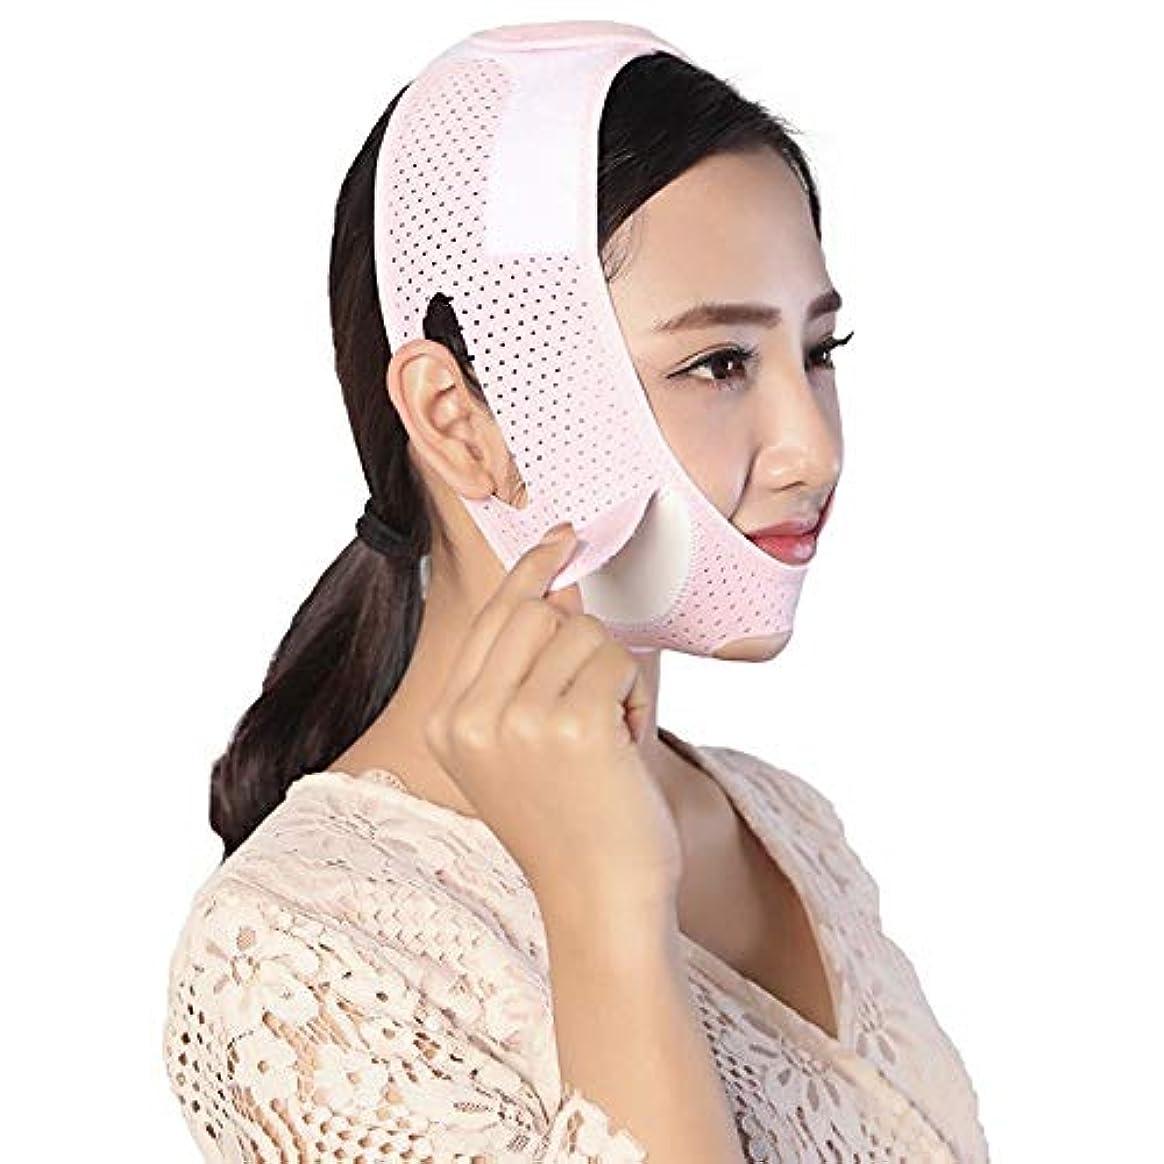 スライムシェフ市の花Minmin フェイシャルリフティング痩身ベルト - 圧縮二重あご減量ベルトスキンケア薄い顔包帯 みんみんVラインフェイスマスク